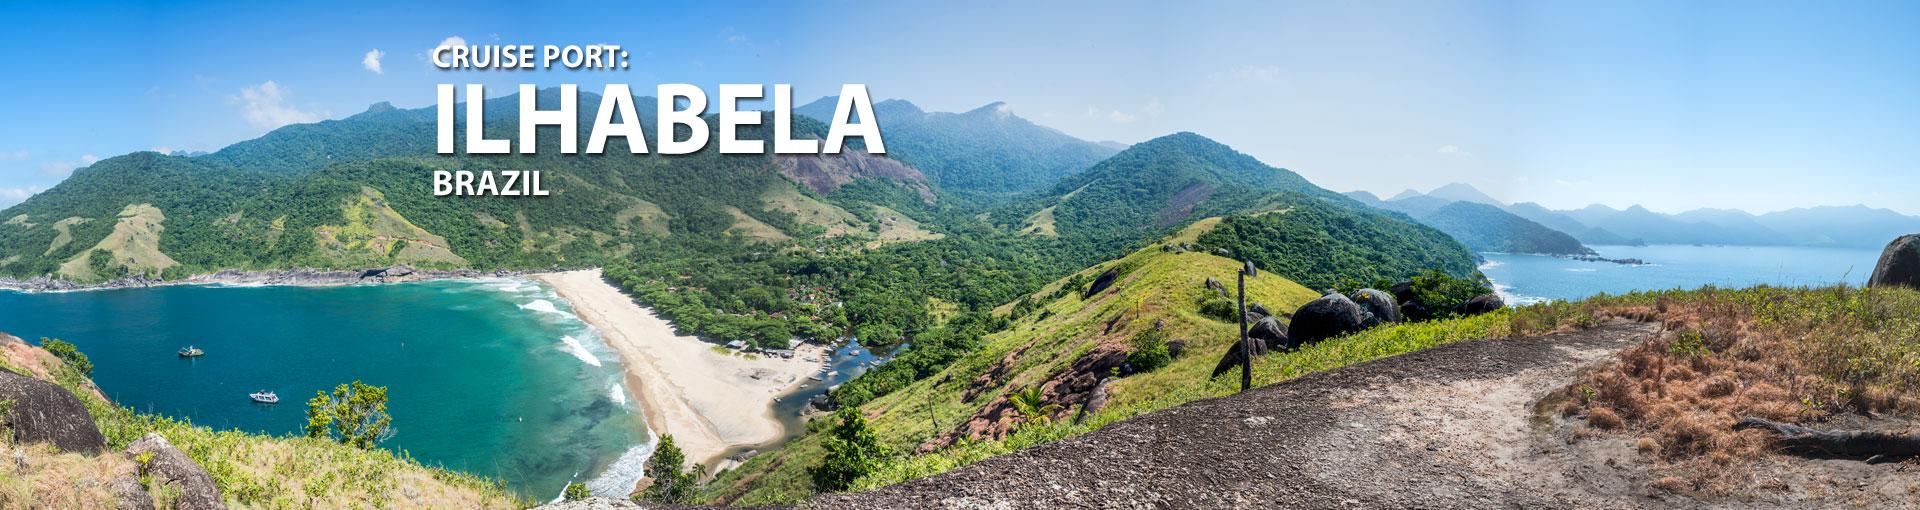 Cruises to Ilhabela, Brazil